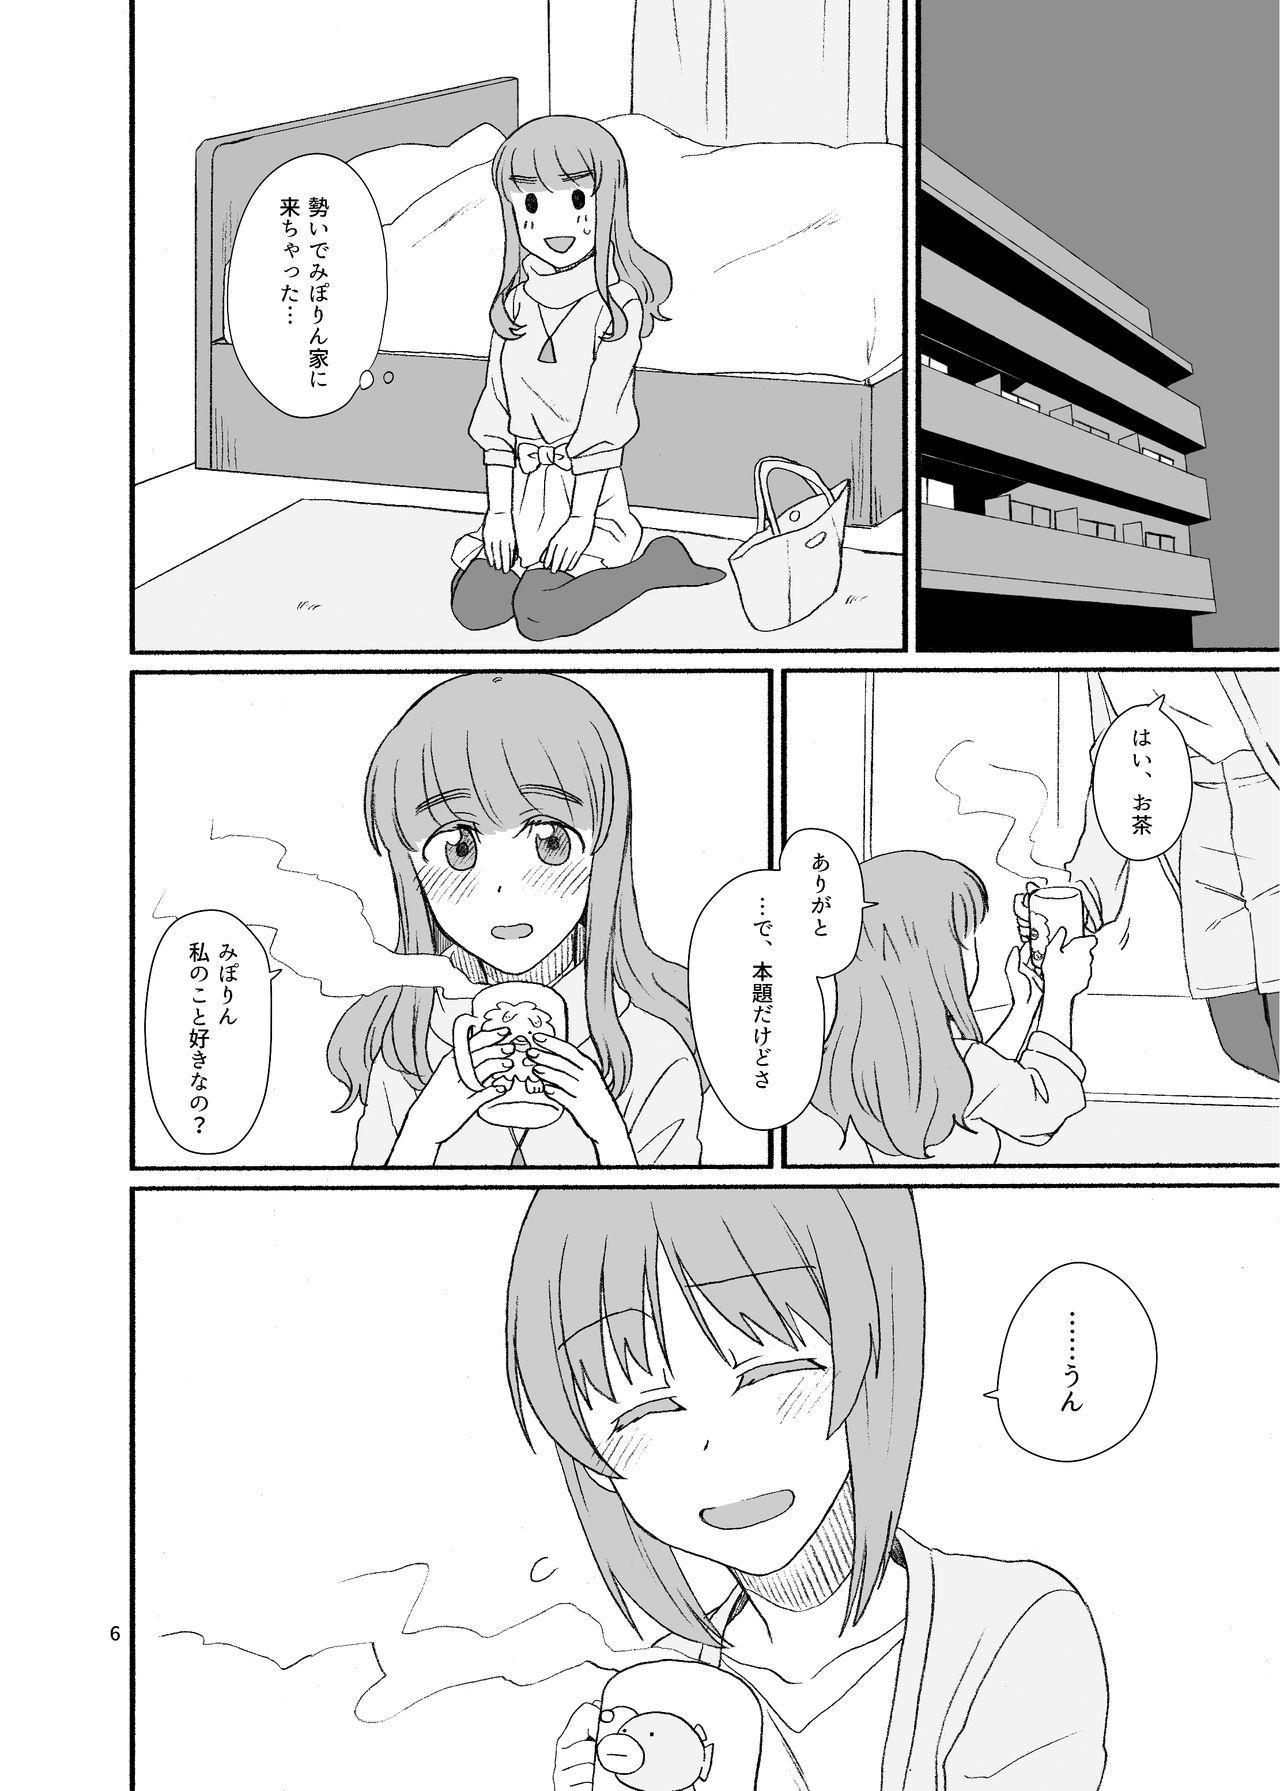 Saori-san, Tsukiatte Kudasai! 4